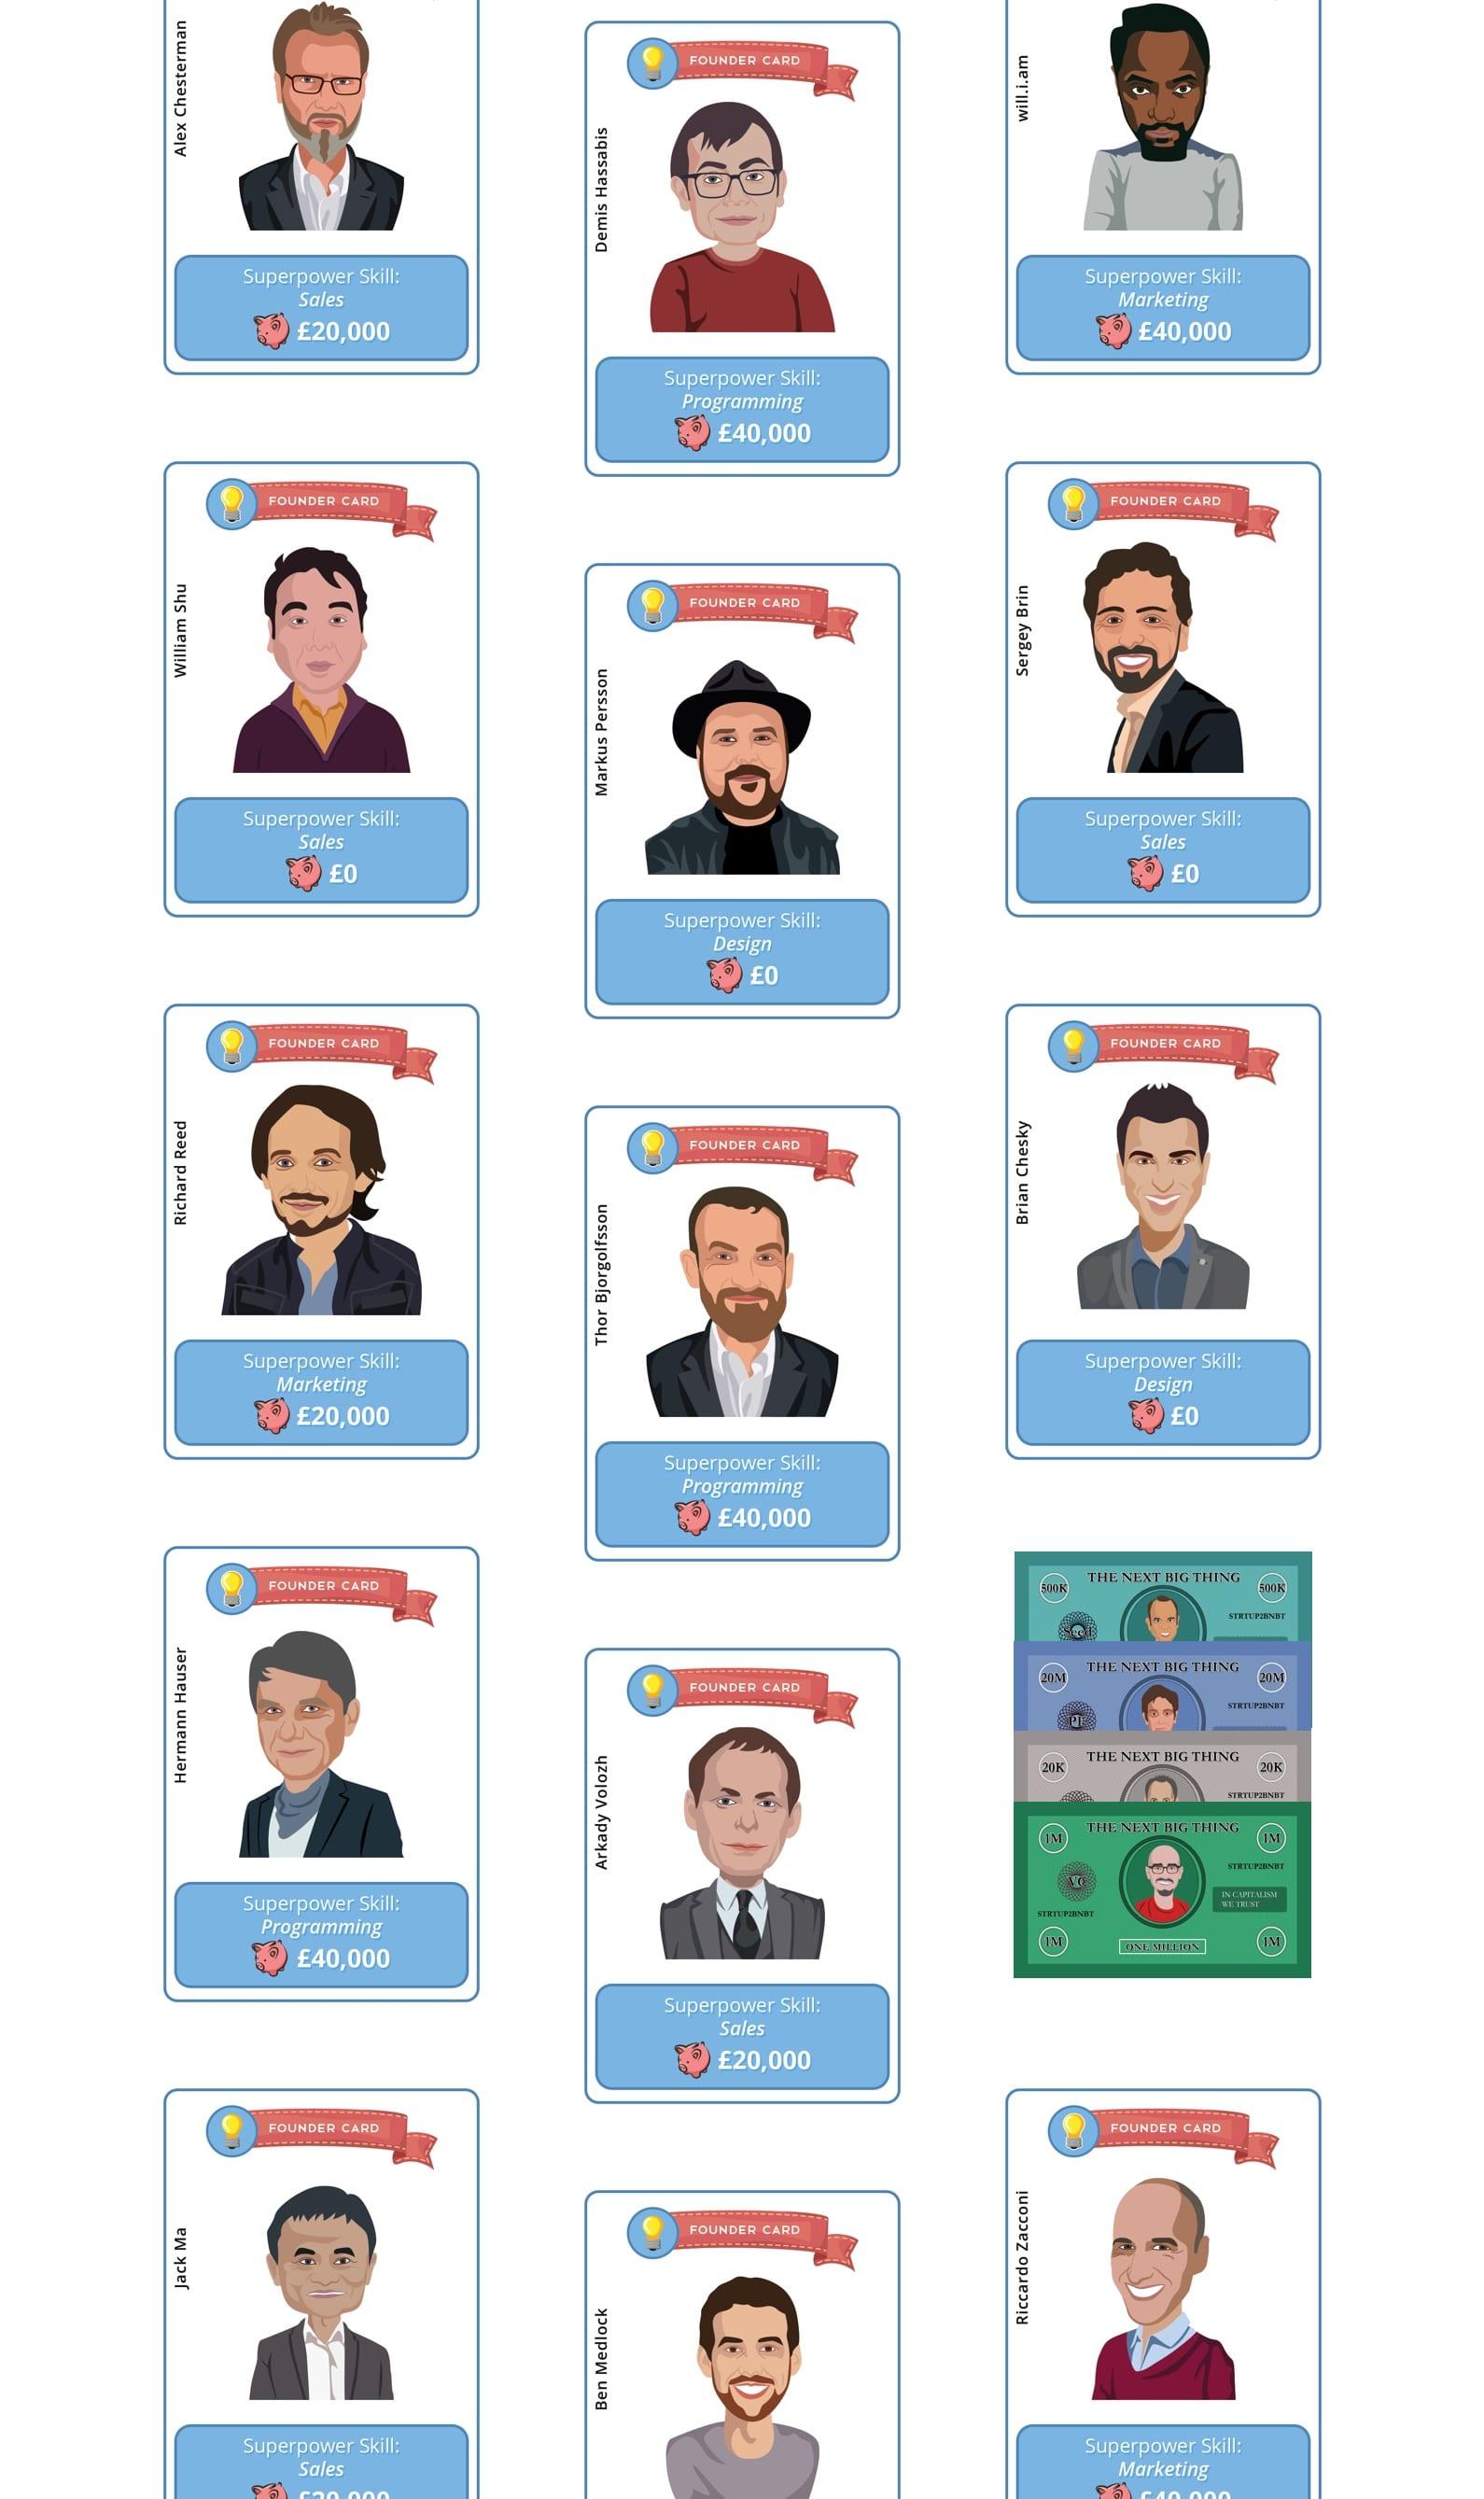 nbt/i/cards